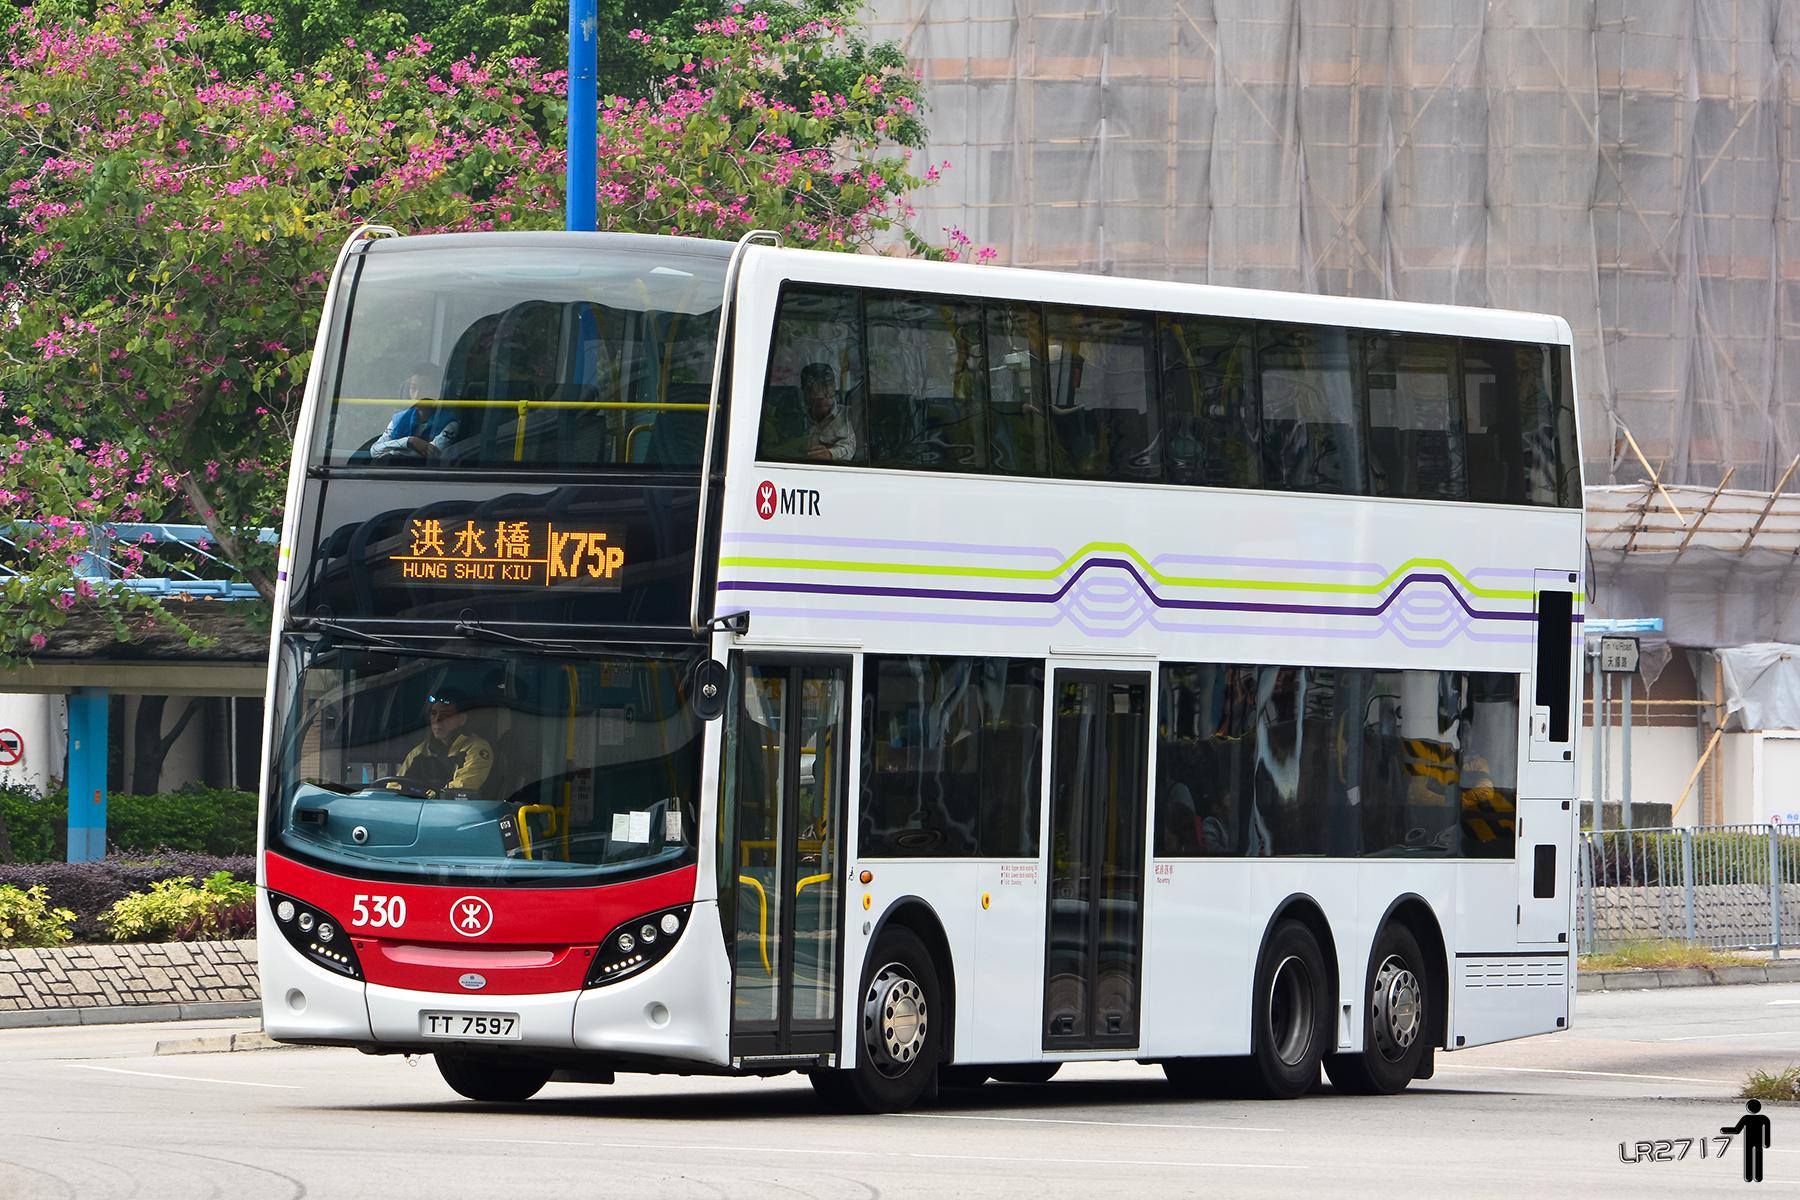 港鐵巴士K75P綫